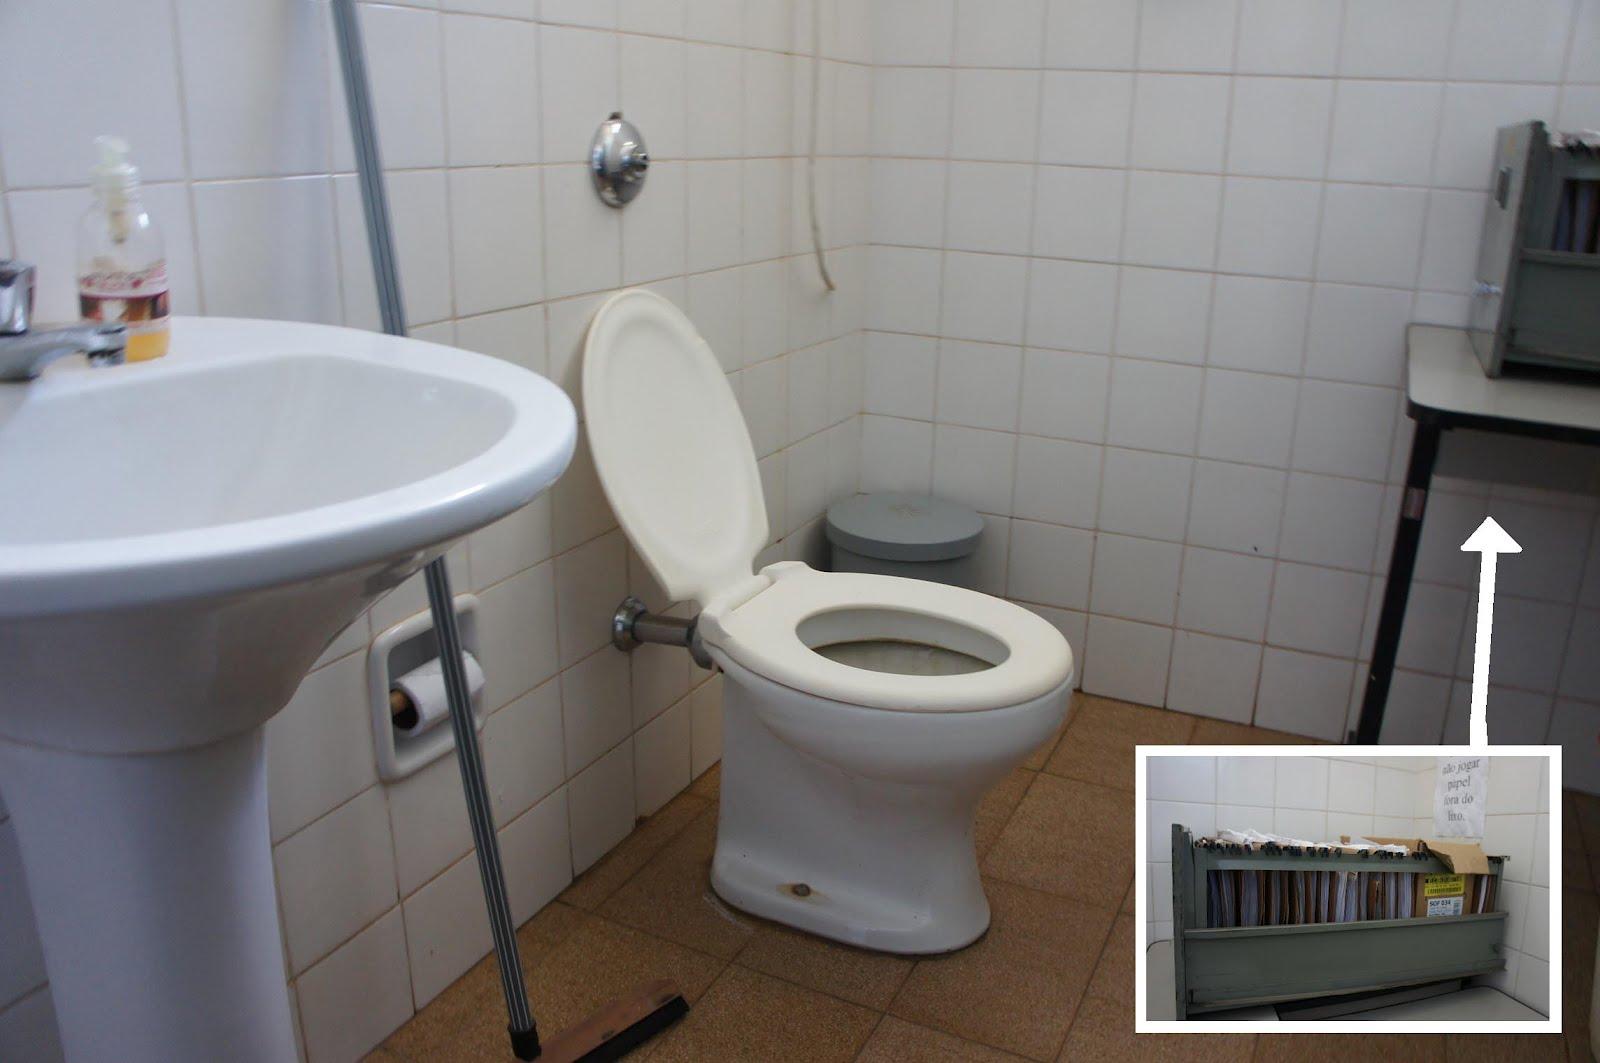 #5C4938 Imagens do Dia: Banheiro: Posto de Saúde Bairro Santa Marta 1600x1063 px projeto banheiro adaptado